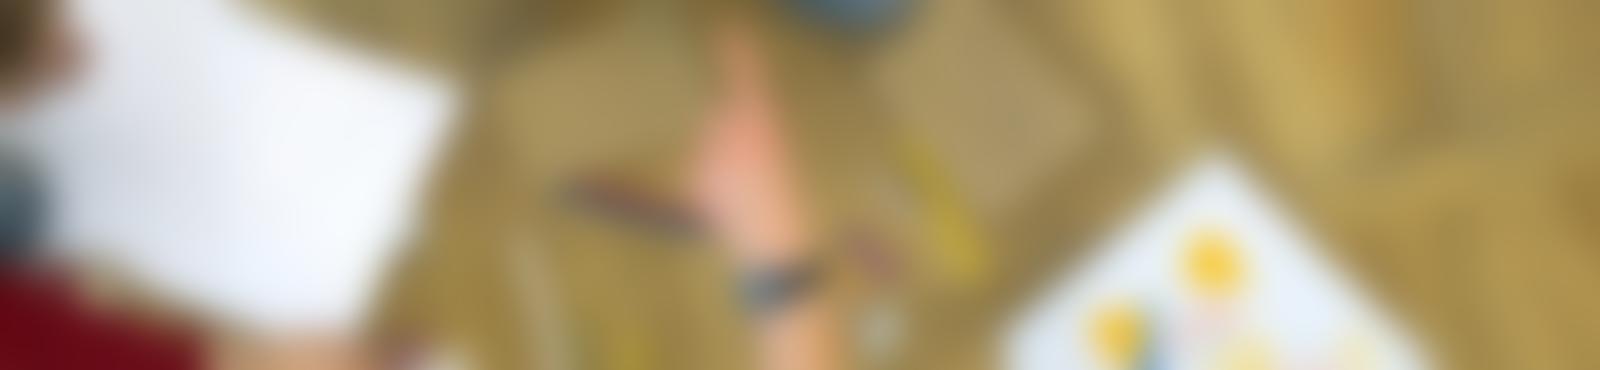 Blurred cc88629b ee52 4b41 a3a4 3b6f9a328052